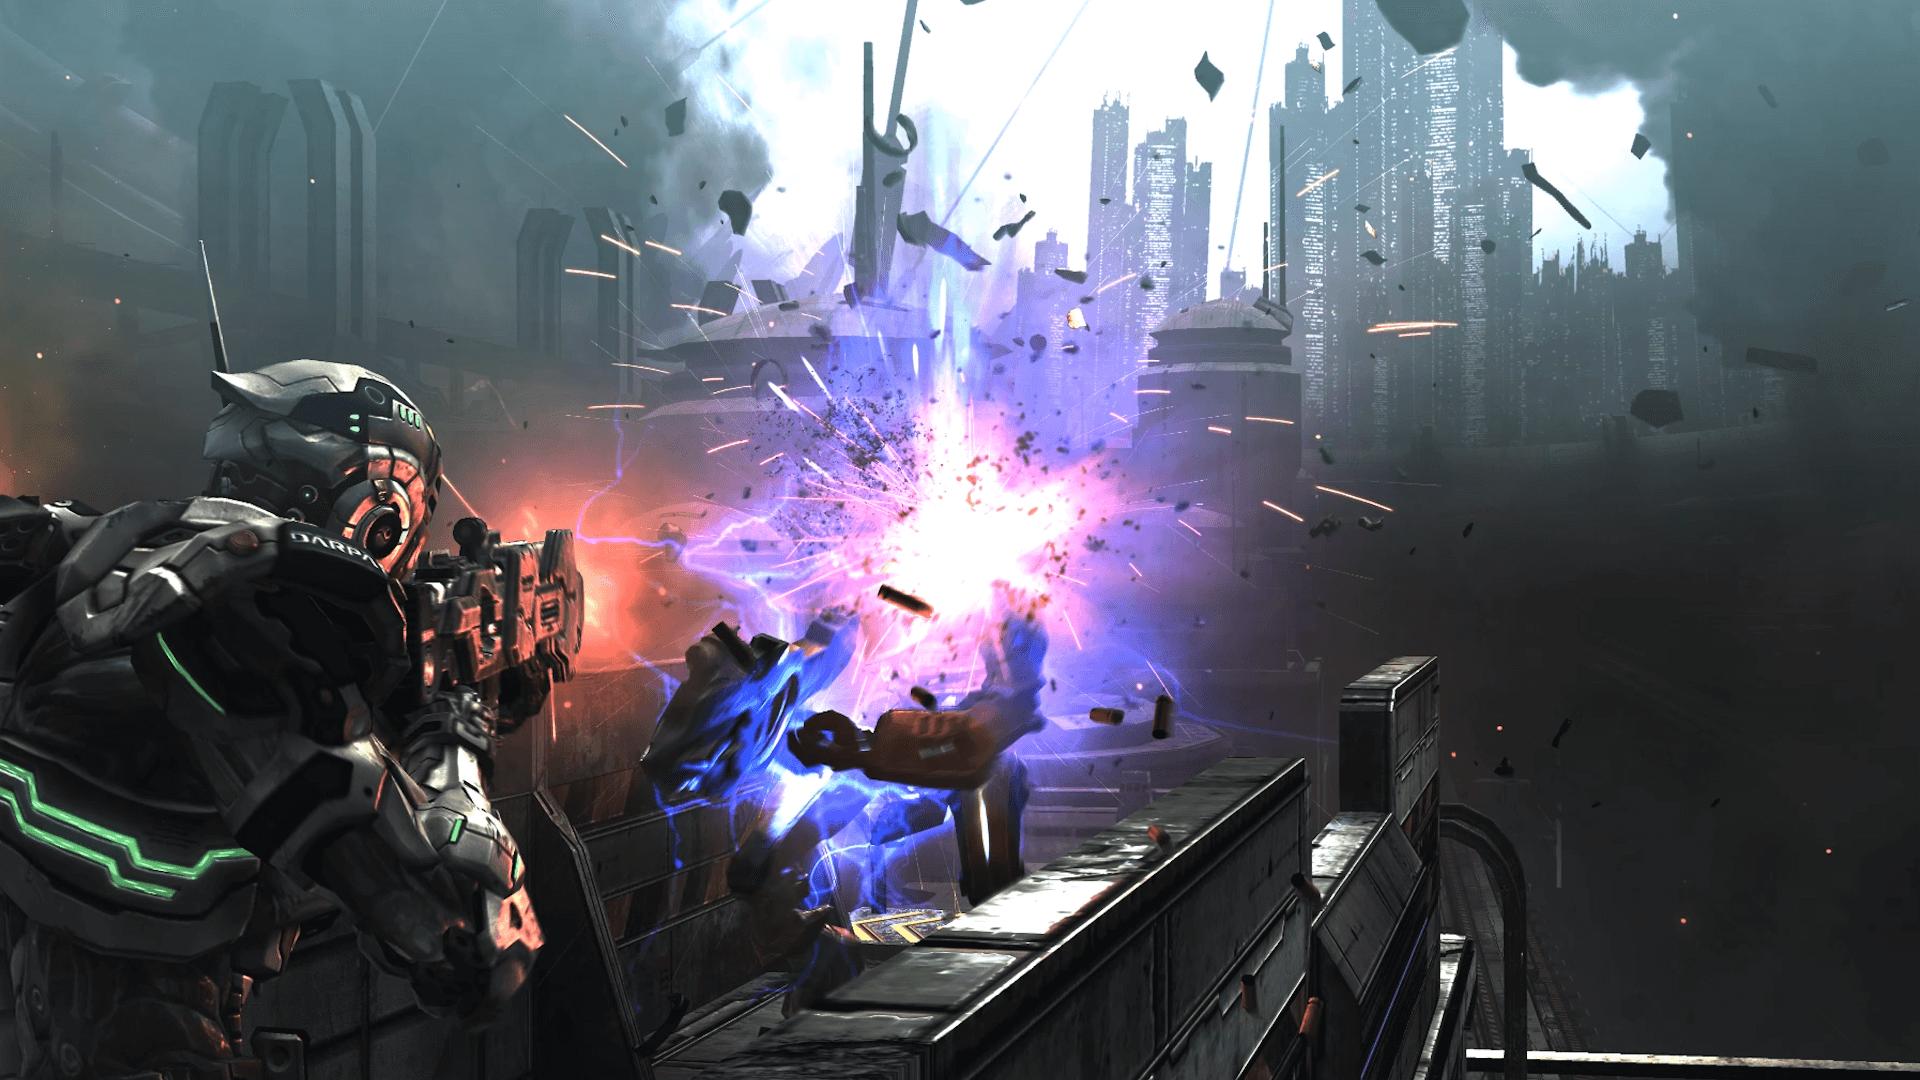 04_Combat_explosion_1494330610